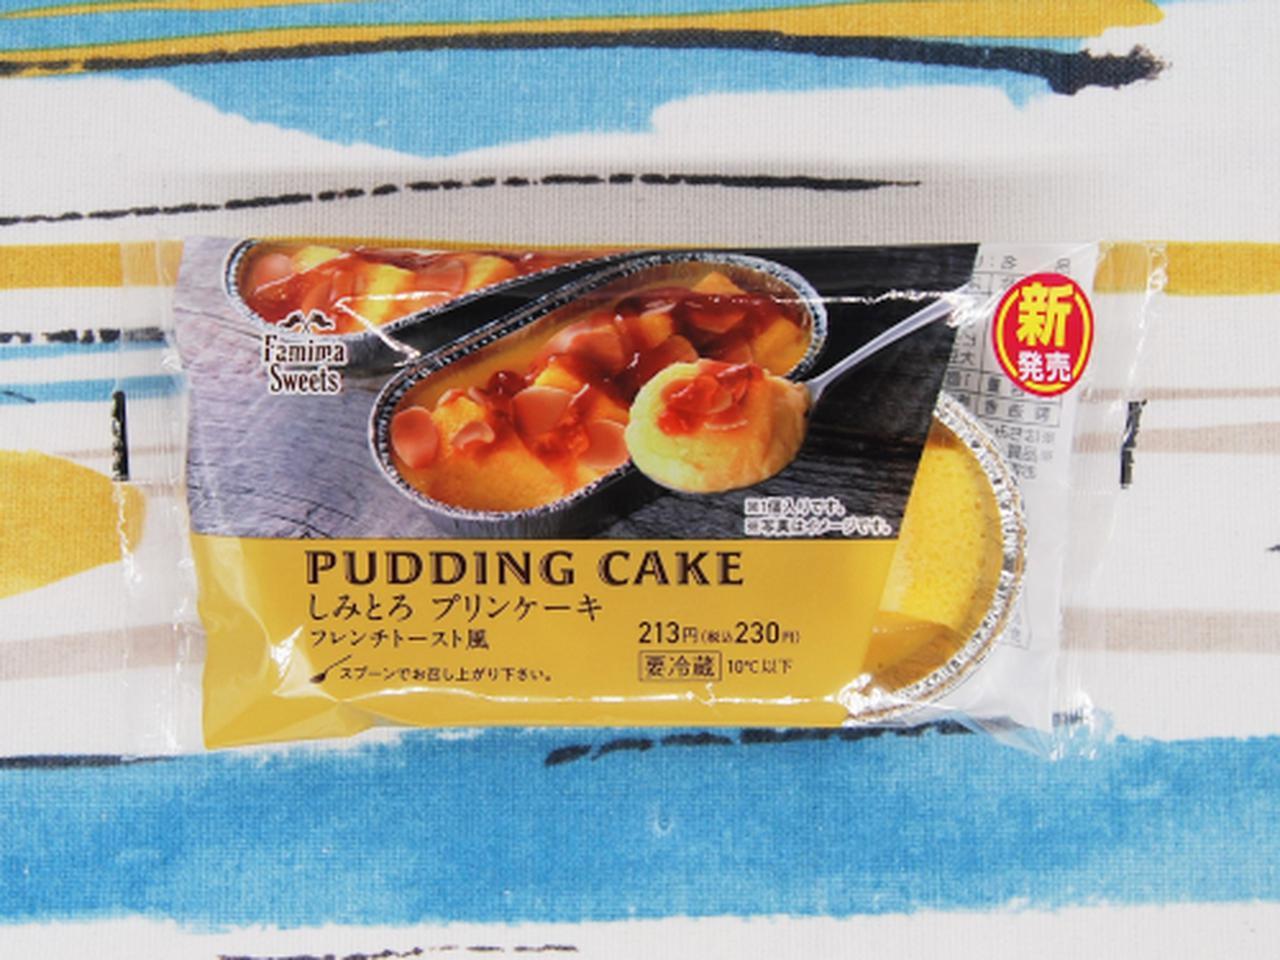 画像: フレンチトースト風プリンケーキ